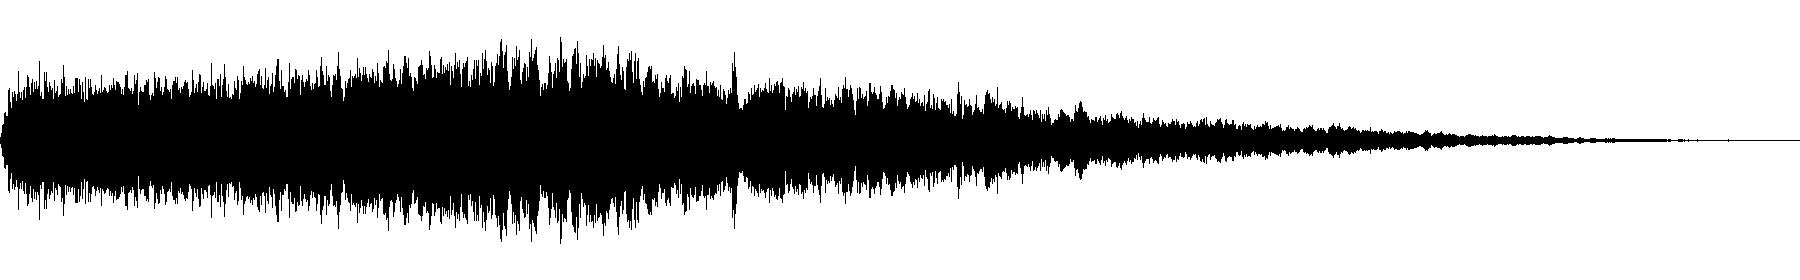 vfx1 atmos 51